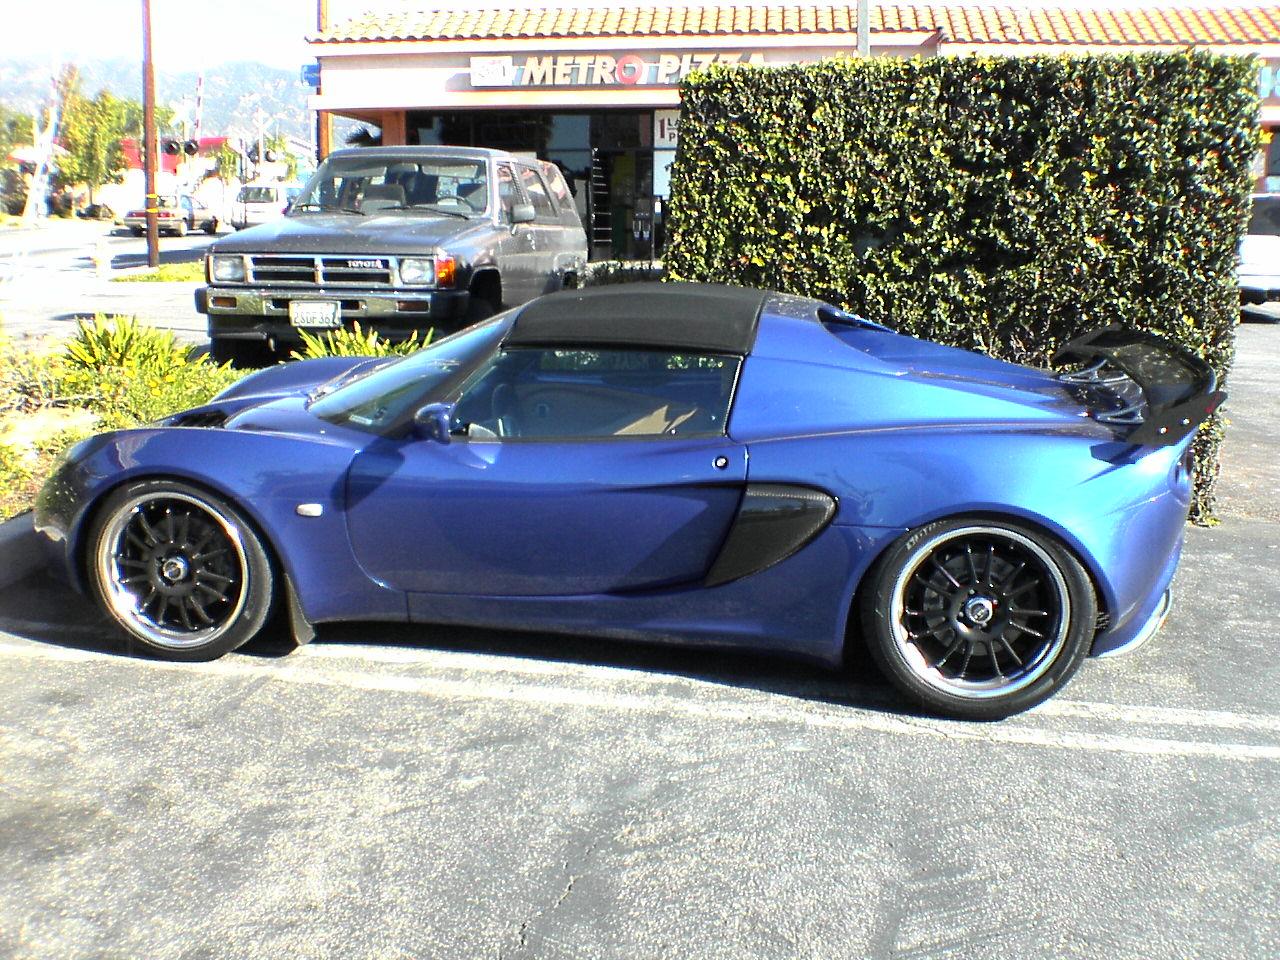 fs05 lotus elise lotustalk the lotus cars community